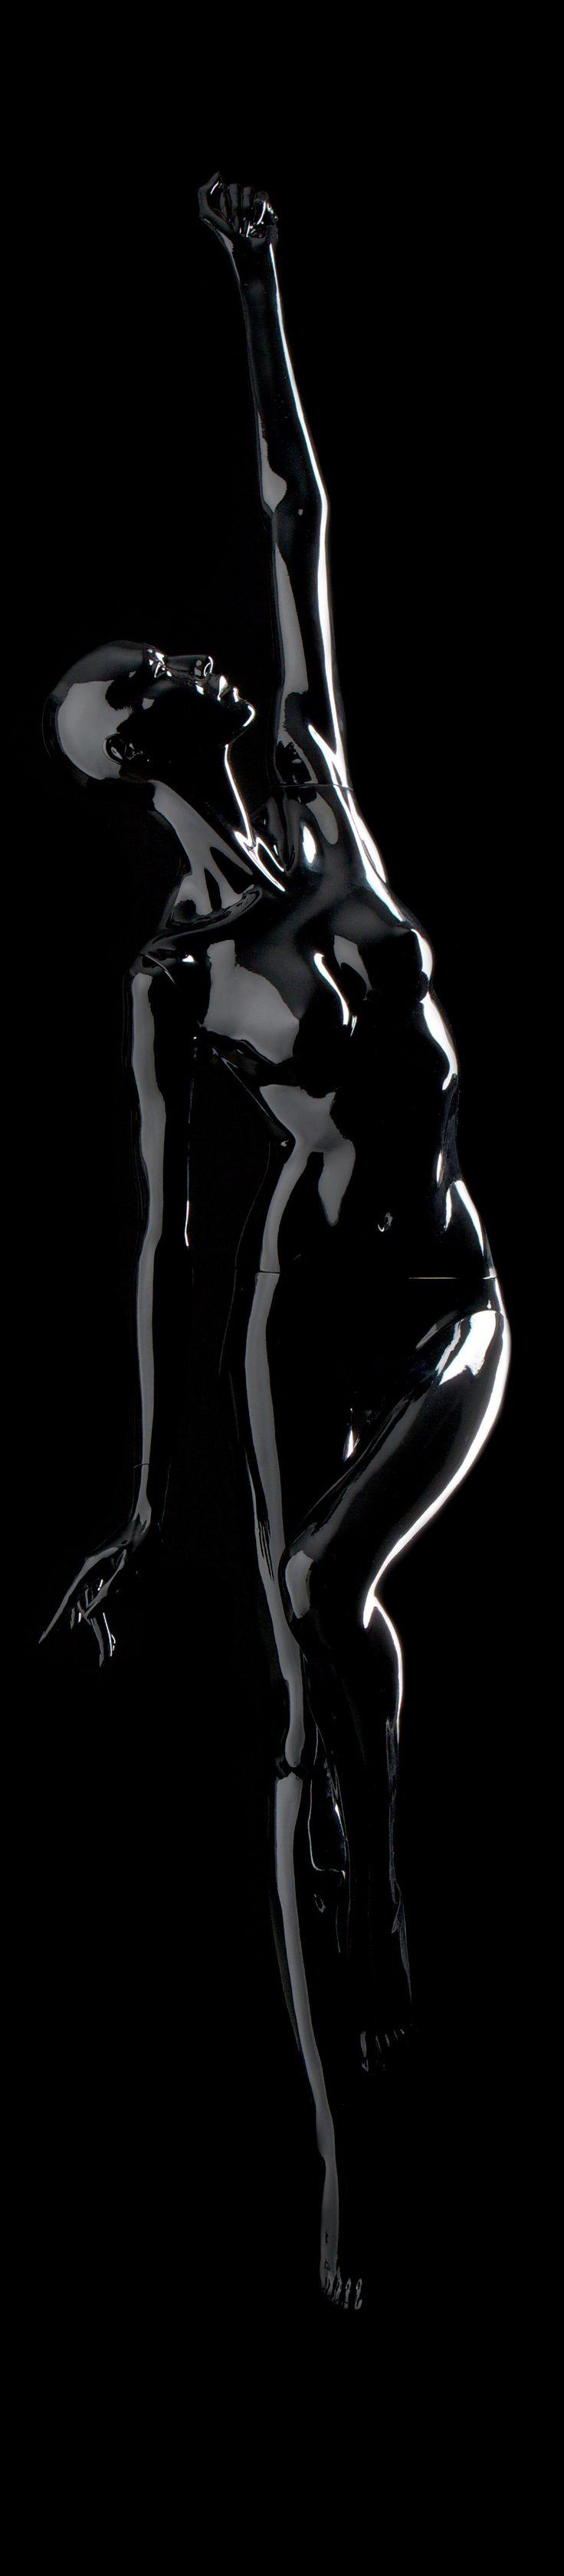 Opzich zou dit ook een mooie gedaante vorm kunnen zijn voor 'de dood', maar aangezien ik het door een vrouw wil laten spelen ben ik bang dat het te sensueel overkomt. 'De dood' verleid wel, maar niet op een sensuele manier meer op een hypnotiserende manier